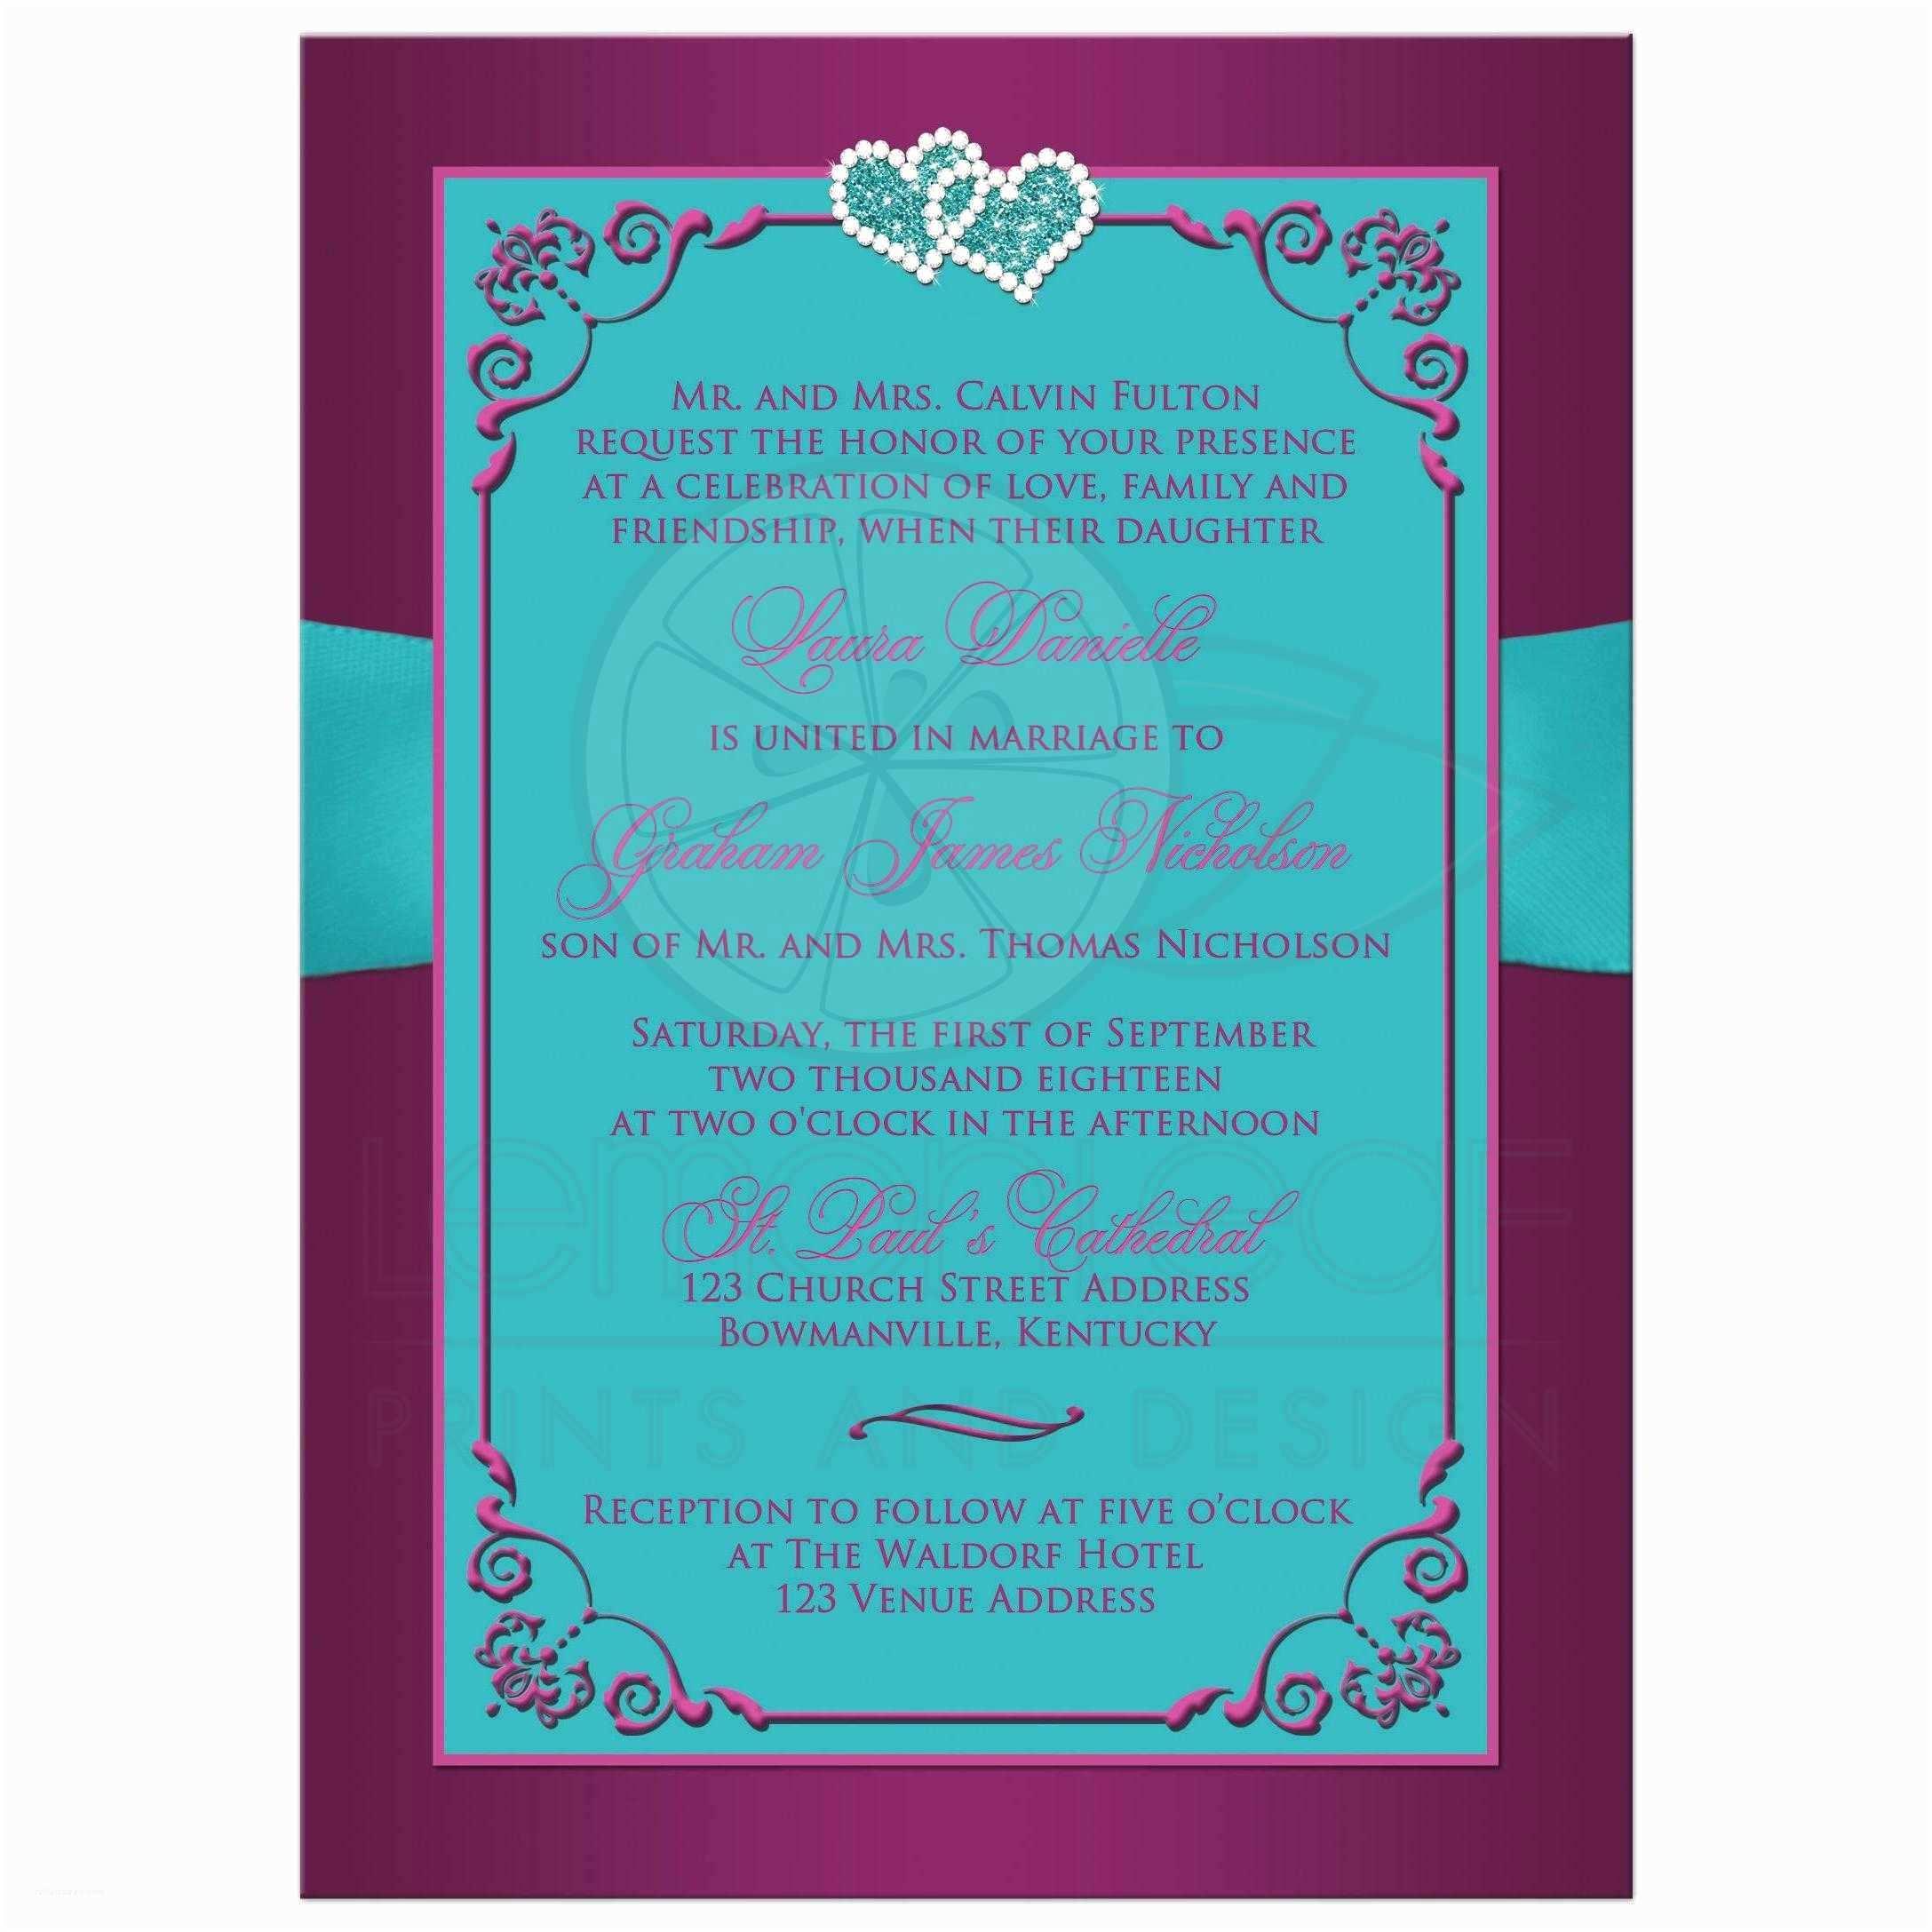 Purple and Teal Wedding Invitations Wedding Invitation Teal Plum Magenta Floral